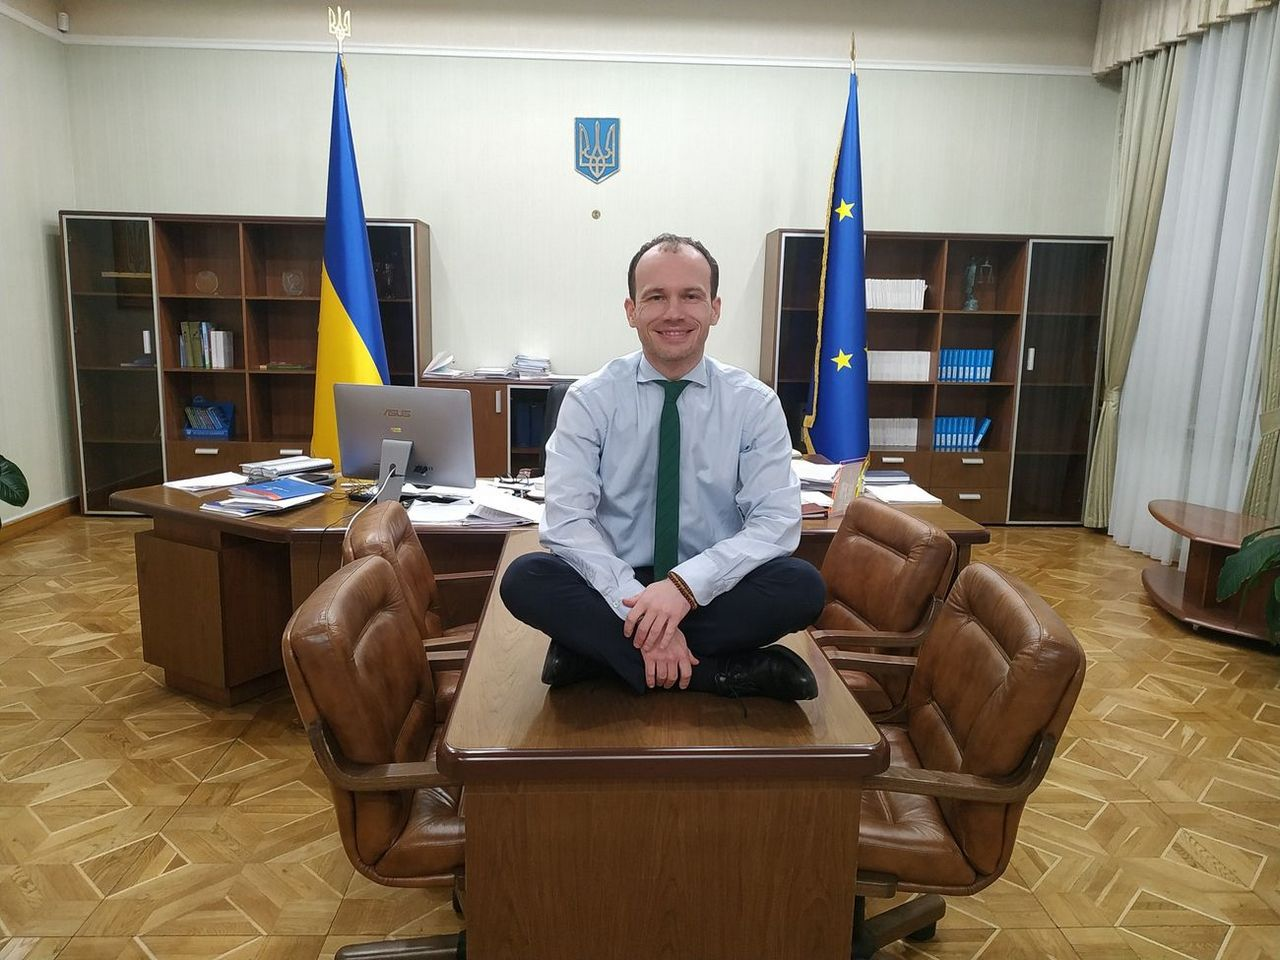 У Мін'юсті планують розпродавати в'язниці -  - ministr malyuska za rabotoj